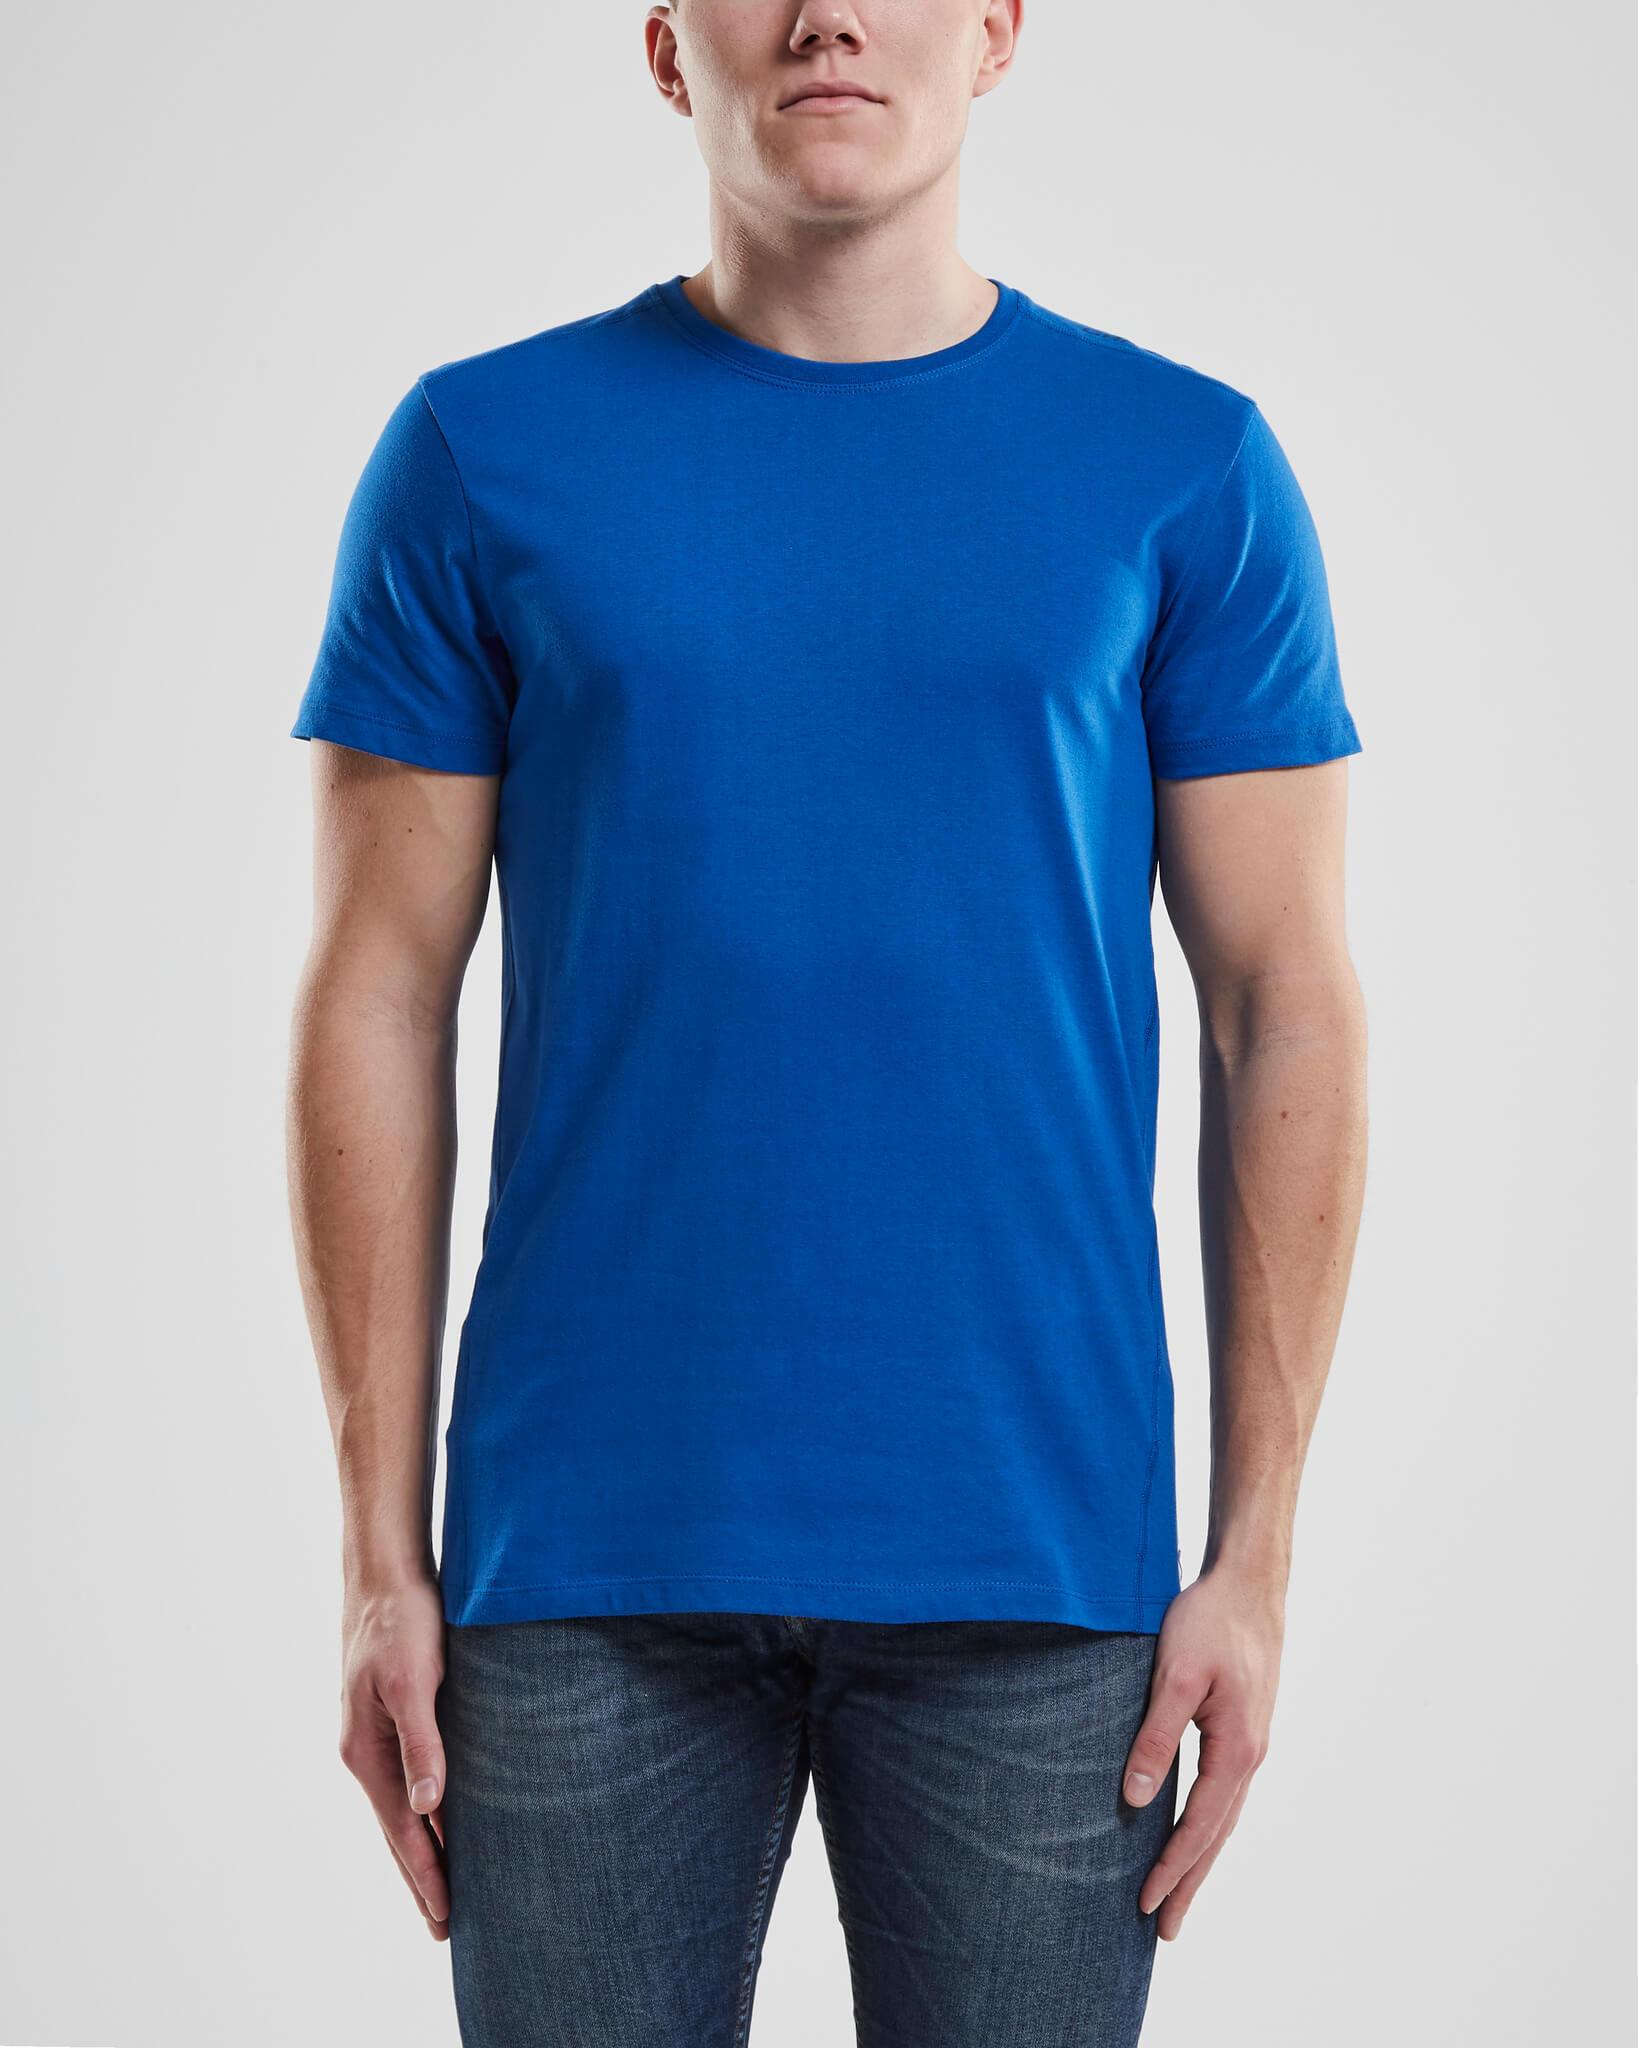 Craft Deft 2.0 футболка мужская blue - 2